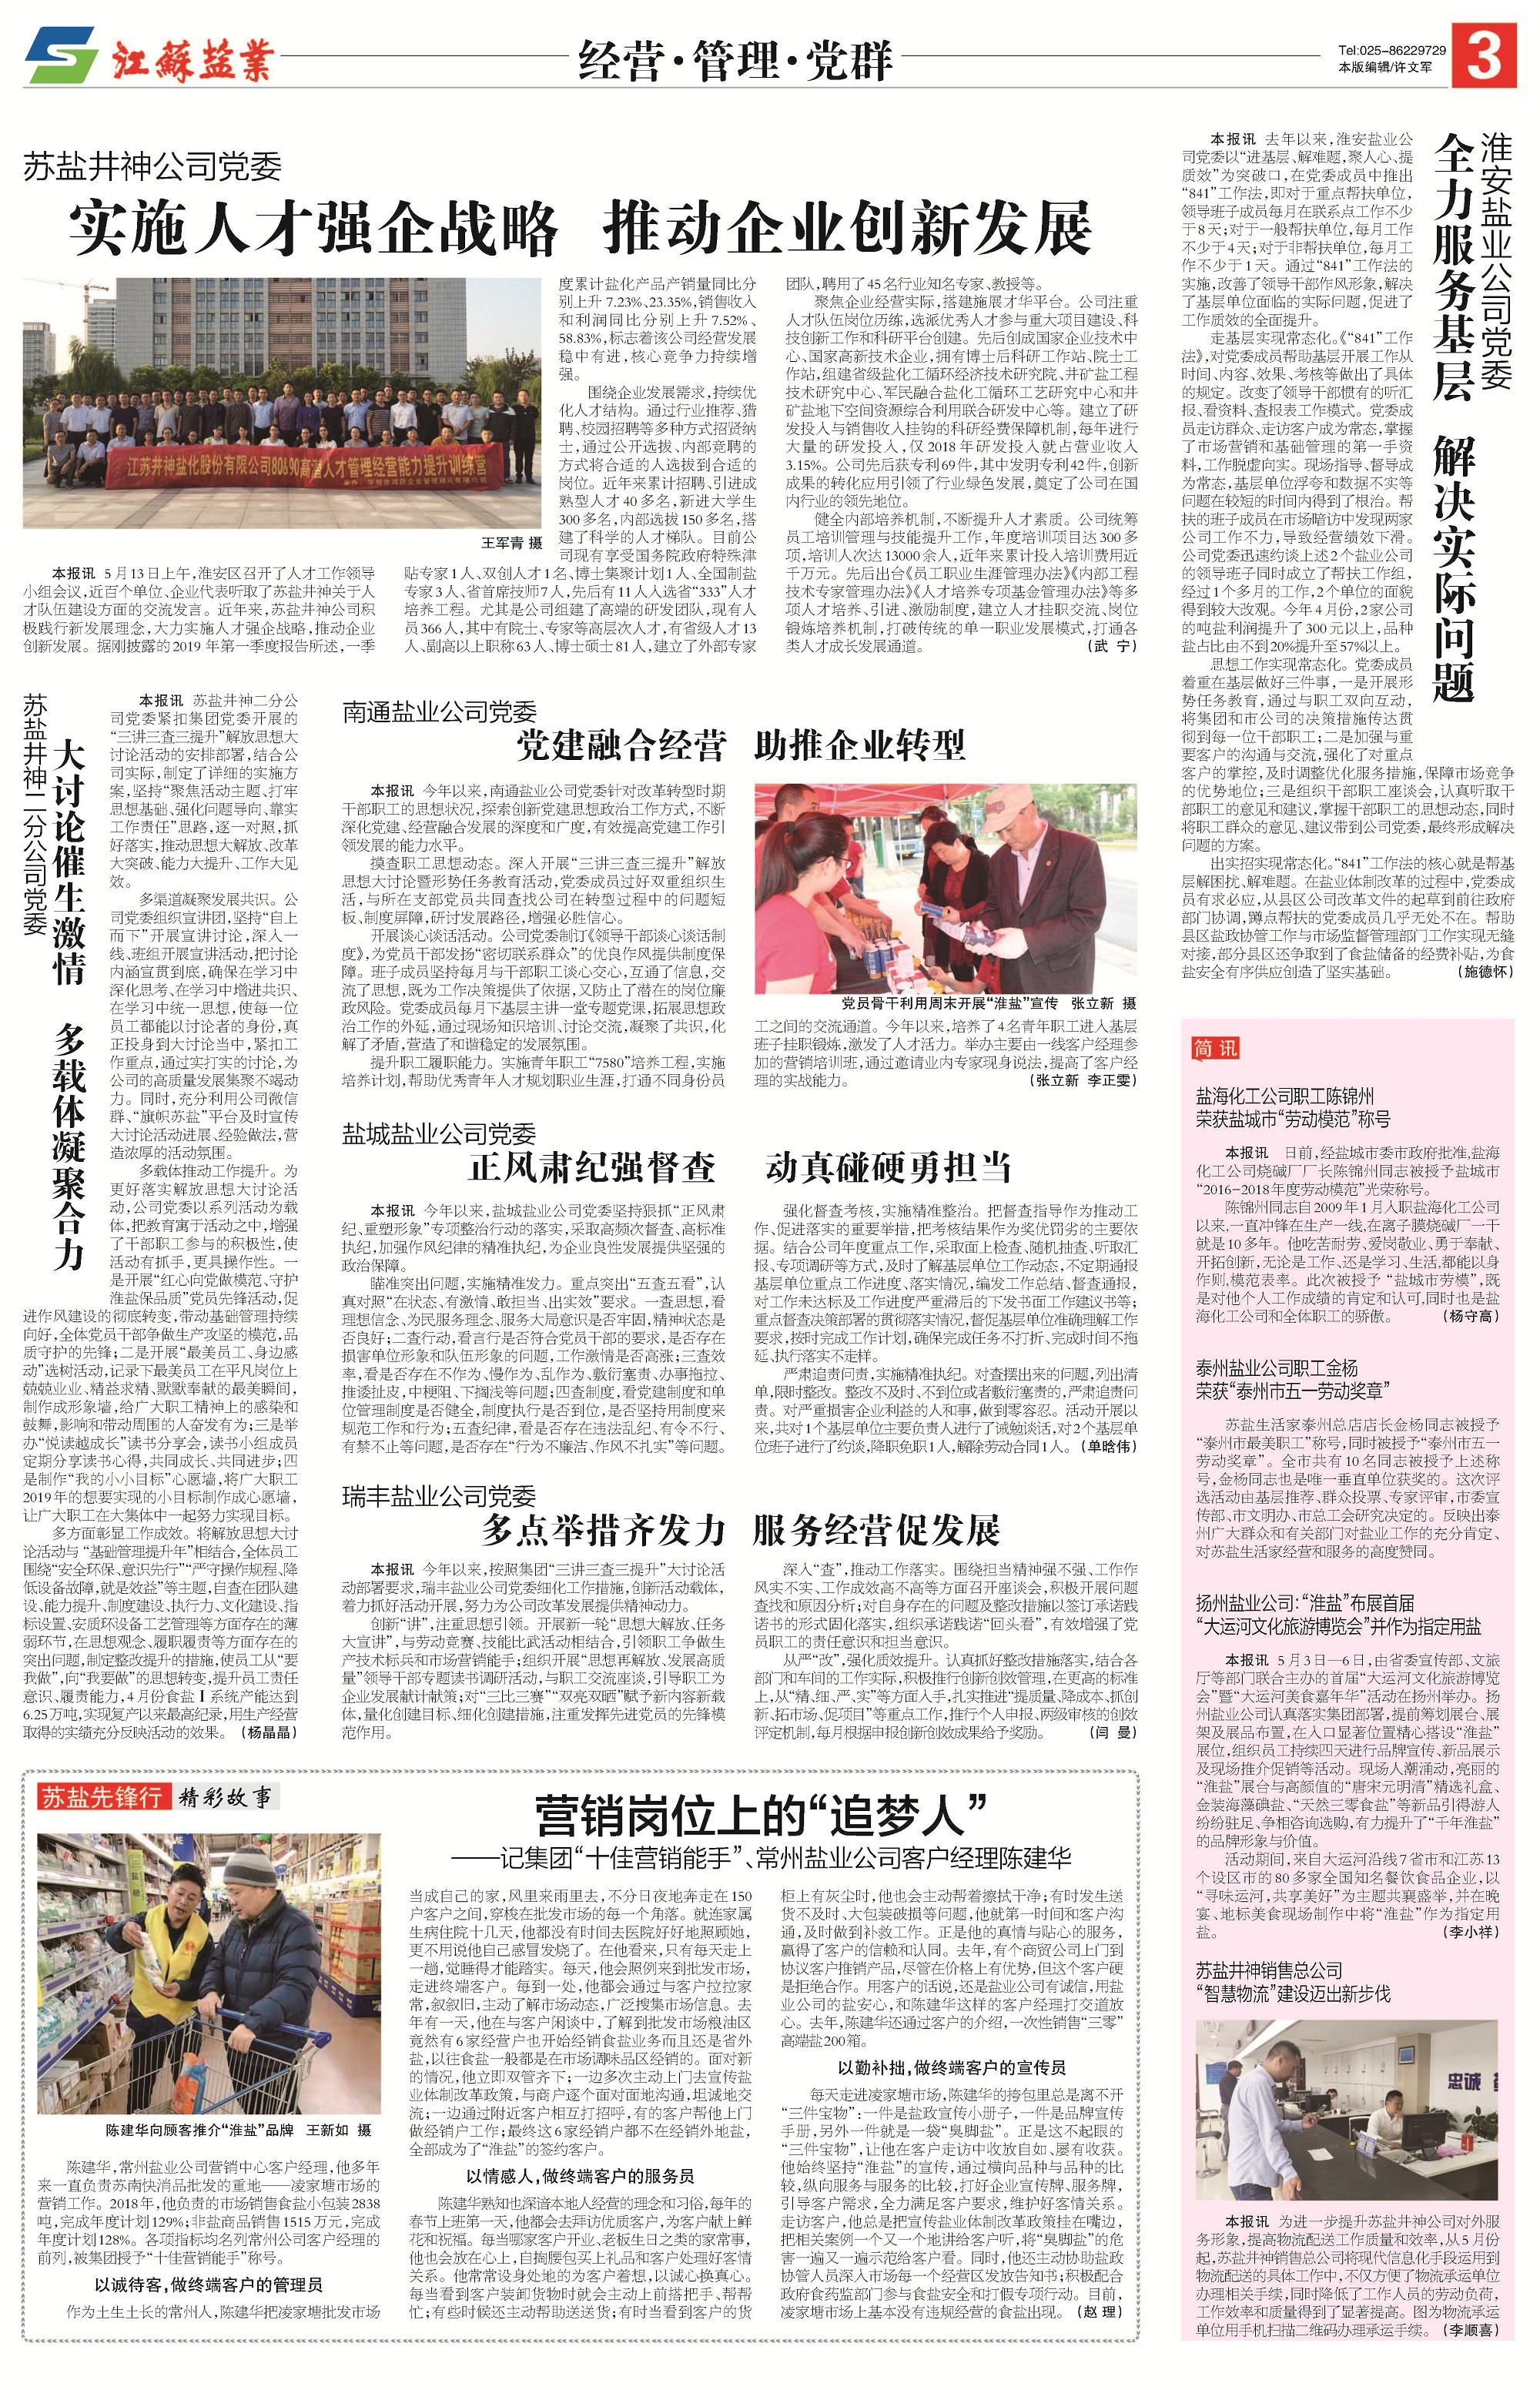 2019年江乐天堂手机版客户端业报第9期(总第97期)